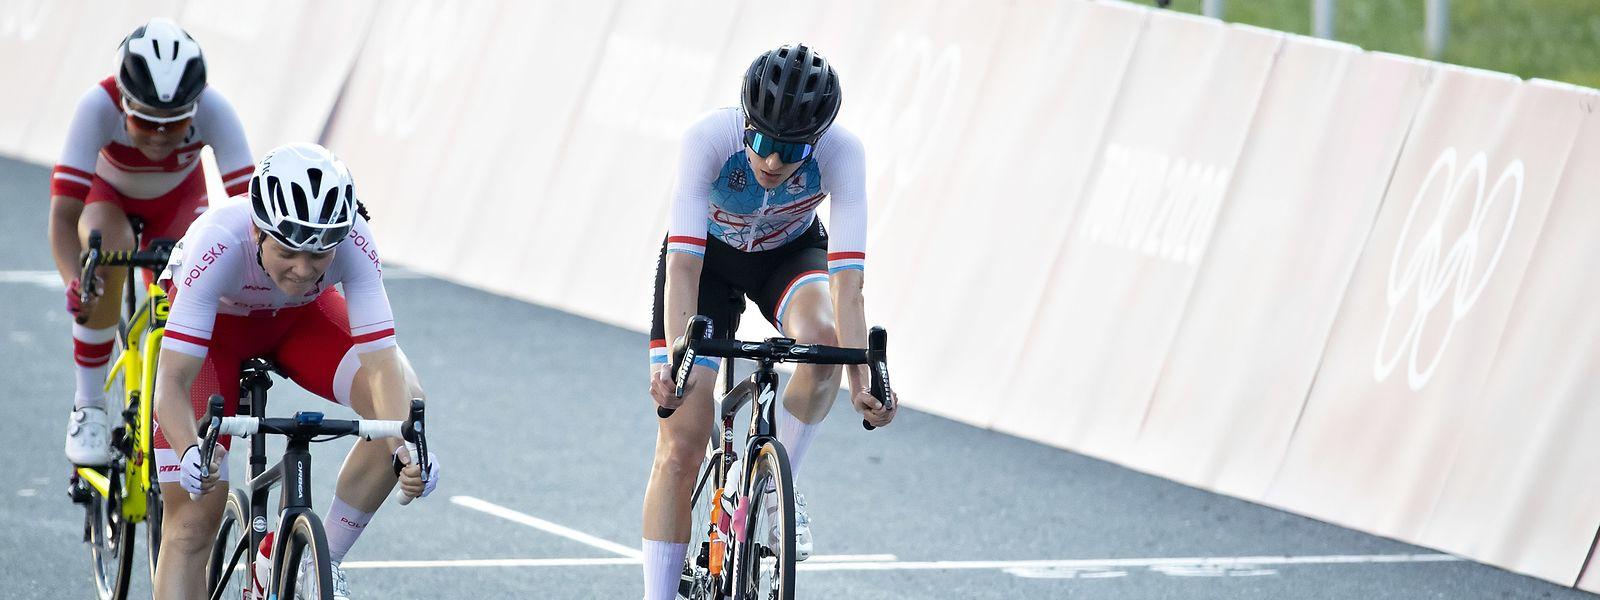 Dimanche lors de la course en ligne sur route, la cycliste de 34 ans s'était classée 20e sur 48.